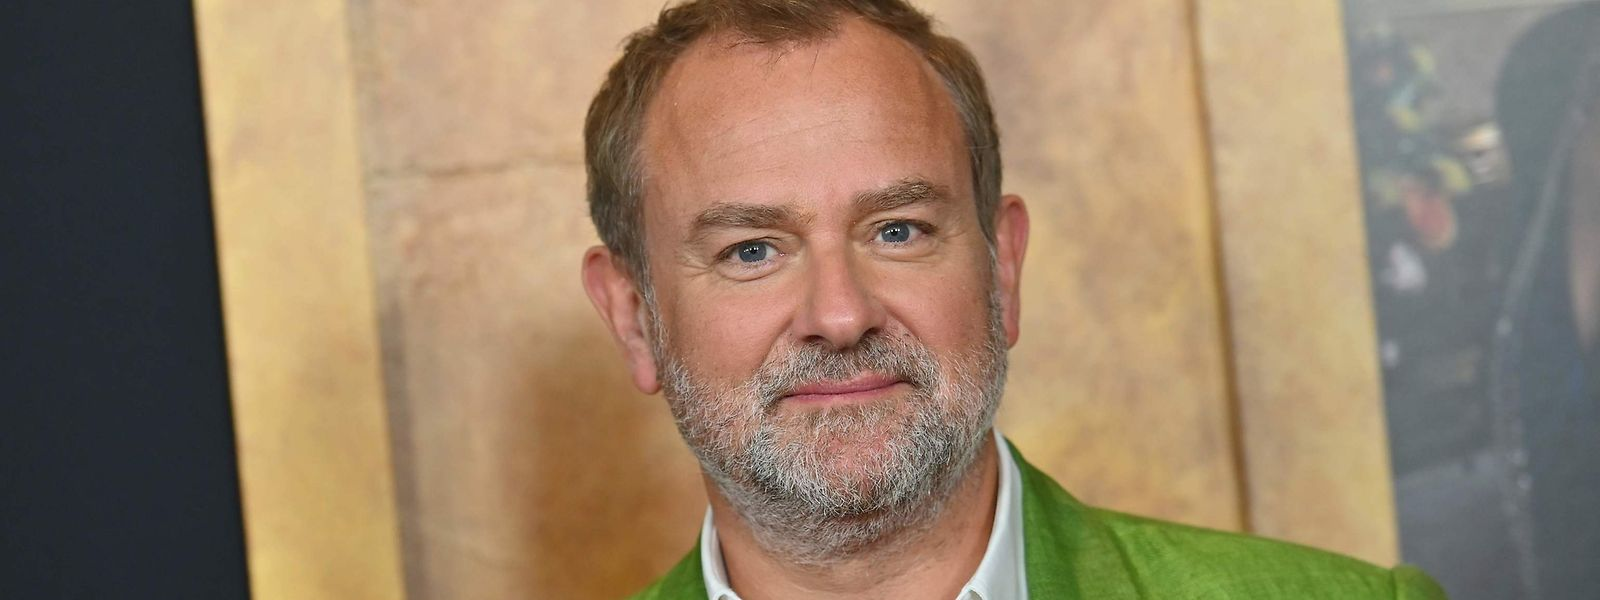 """Vom TV-Darsteller zum gefeierten Serienstar: """"Downton Abbey"""" verhalf dem 55-jährigen Schauspieler zum internationalen Durchbruch."""